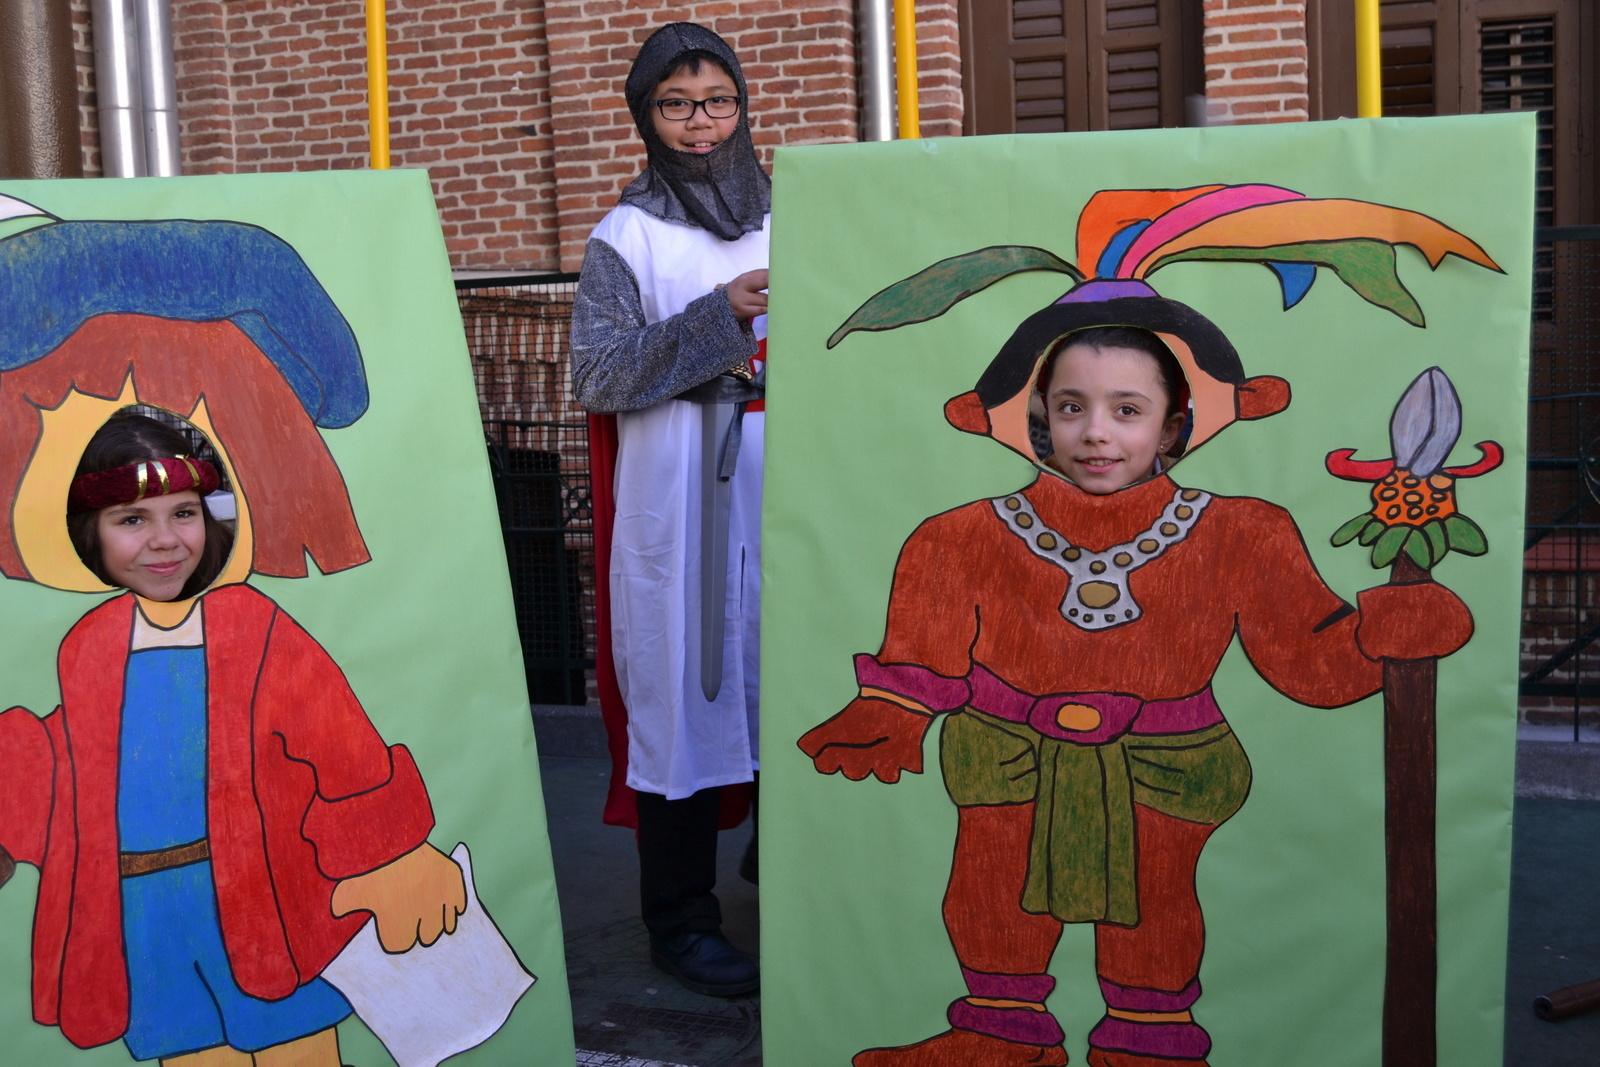 Jornadas Culturales y Depoortivas 2018 Exposiciones 2 47